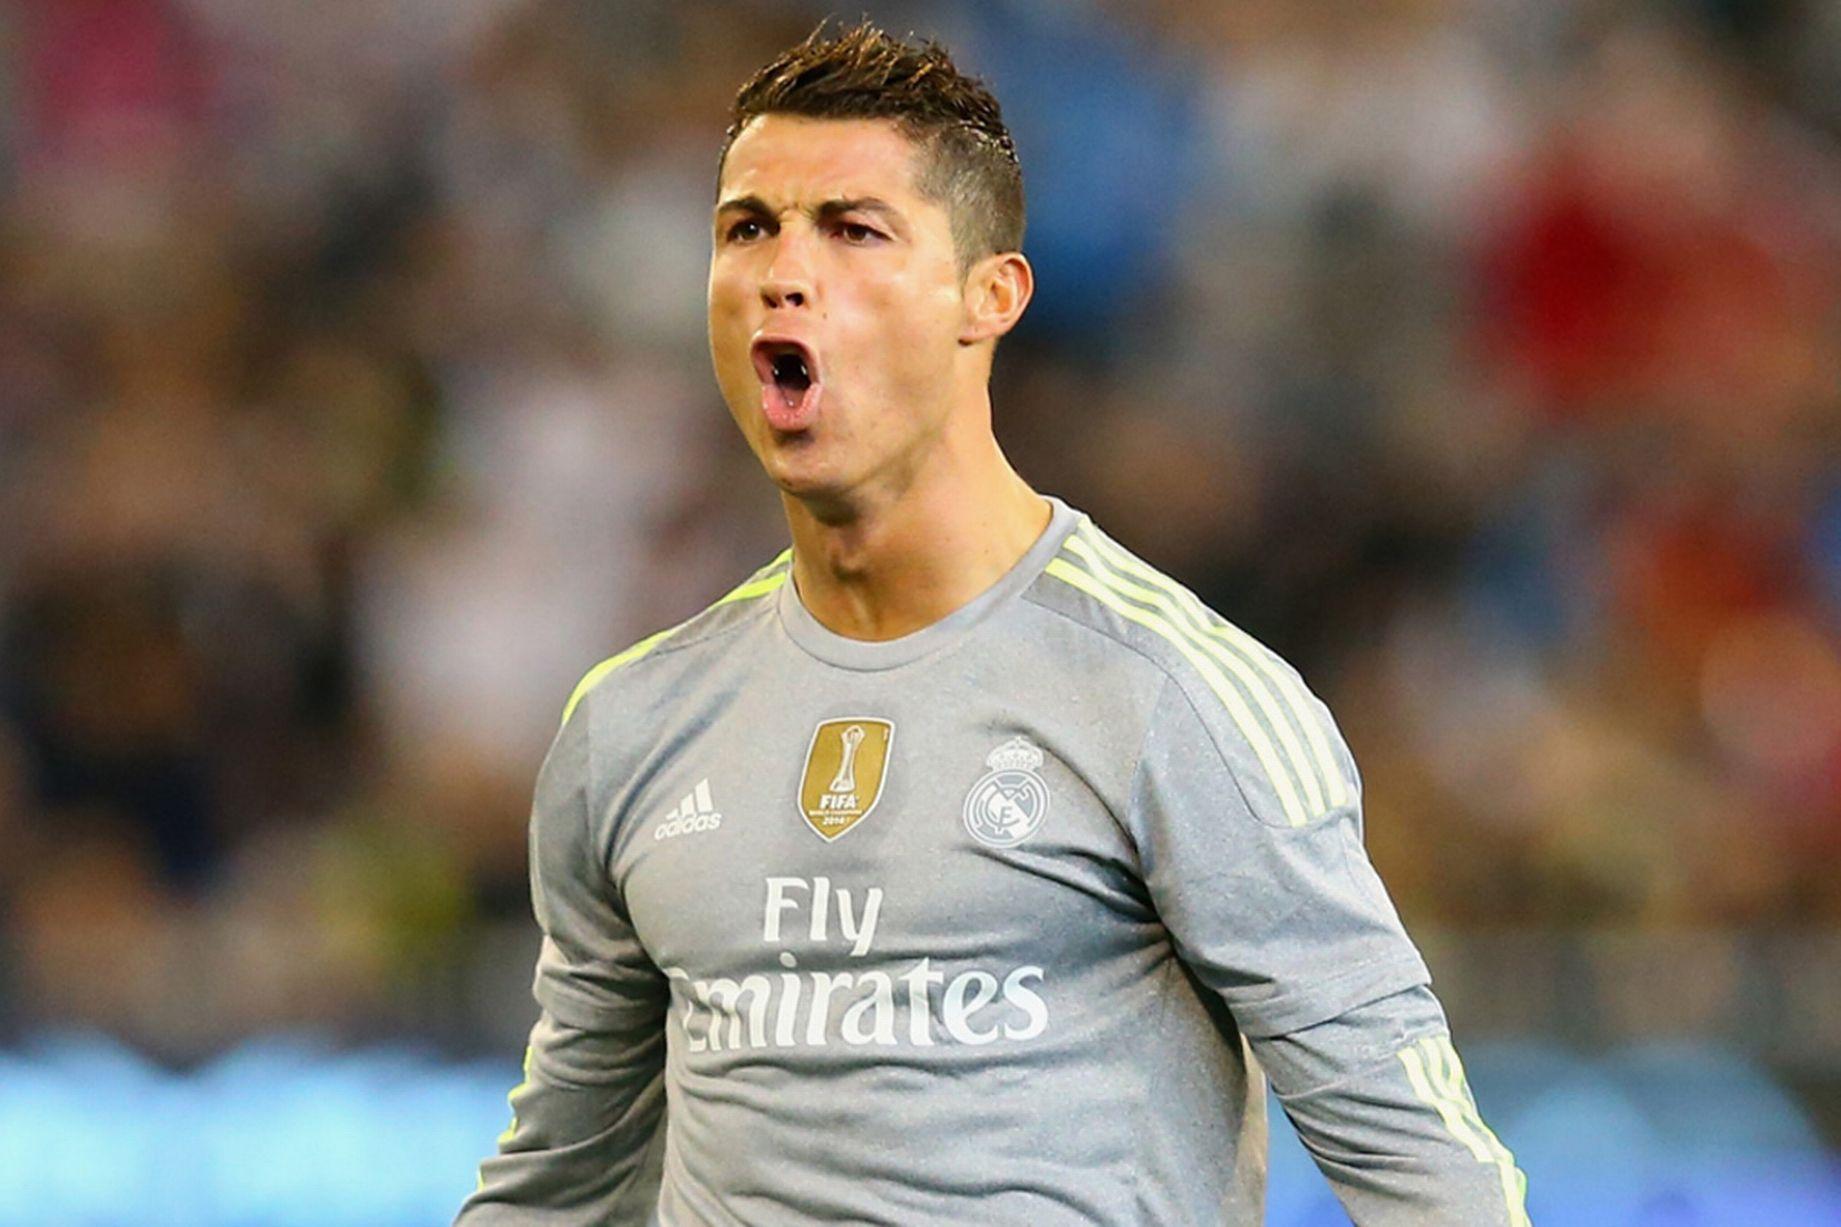 Cristiano Ronaldo atteint la barre des 500 buts !